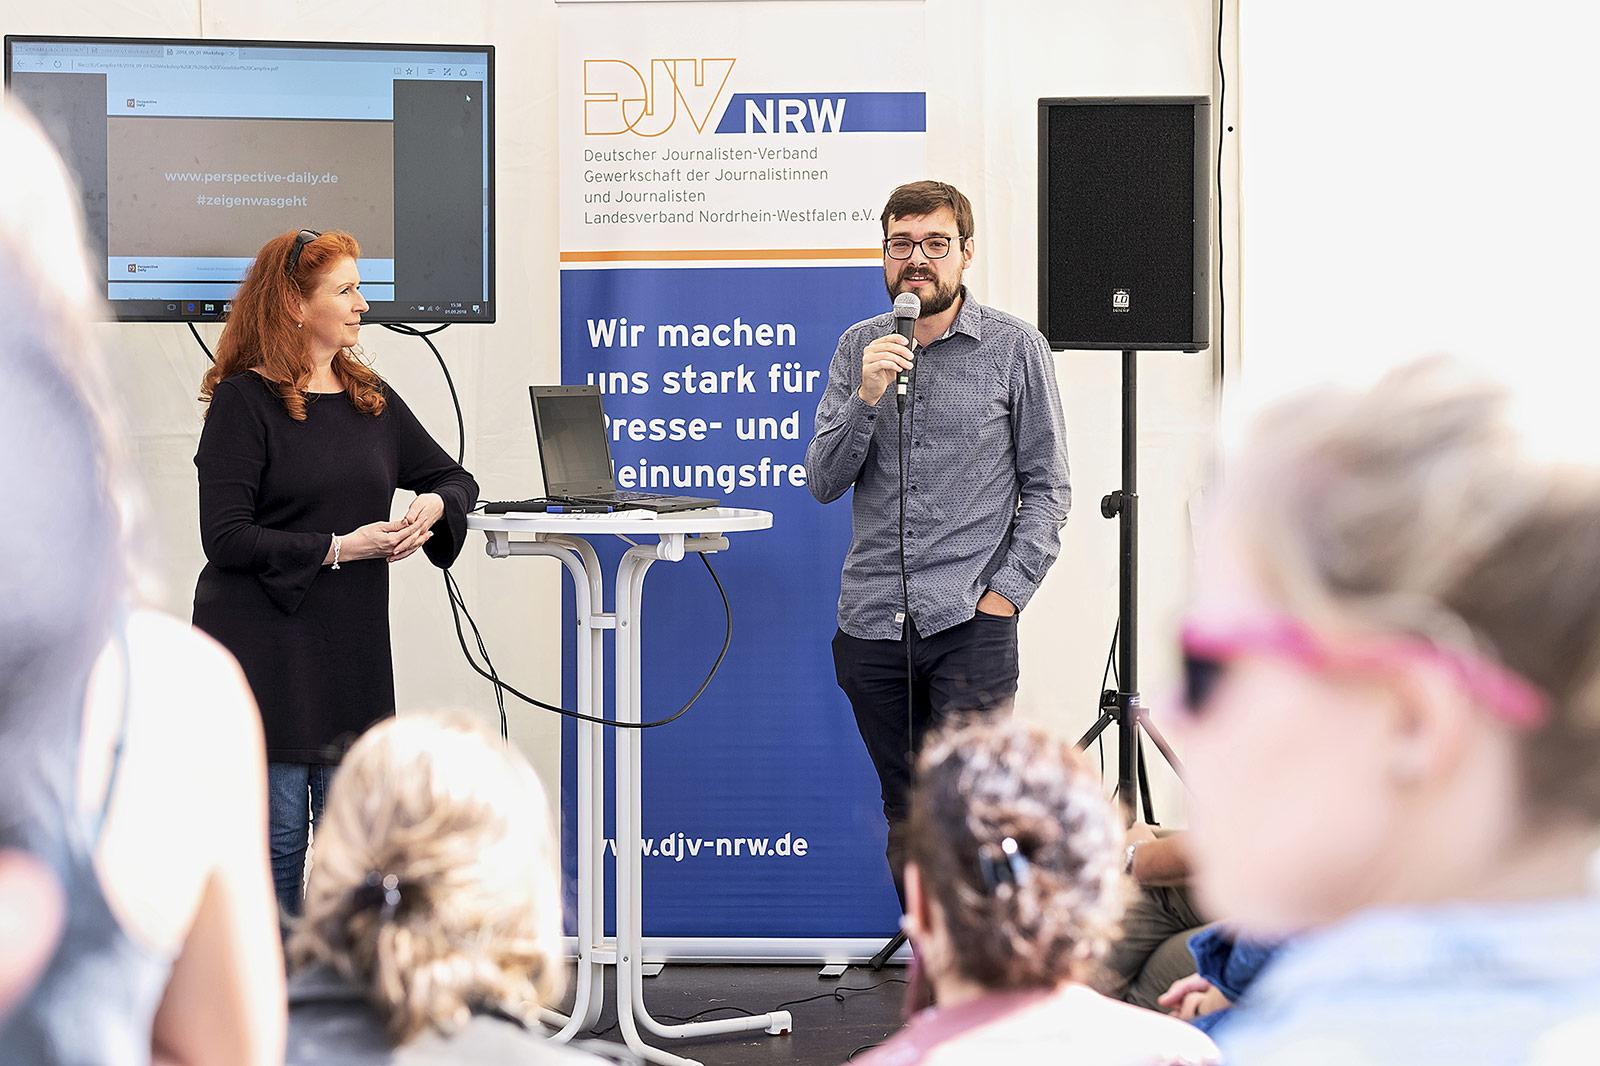 Unsere Annahmen über die Lage der Welt sind häufig zu negativ, zeigten Kerstin Timm-Peeterß und Daniel Ehl im Panel zum Konstruktiven Journalismus.   Foto: Alexander Schneider